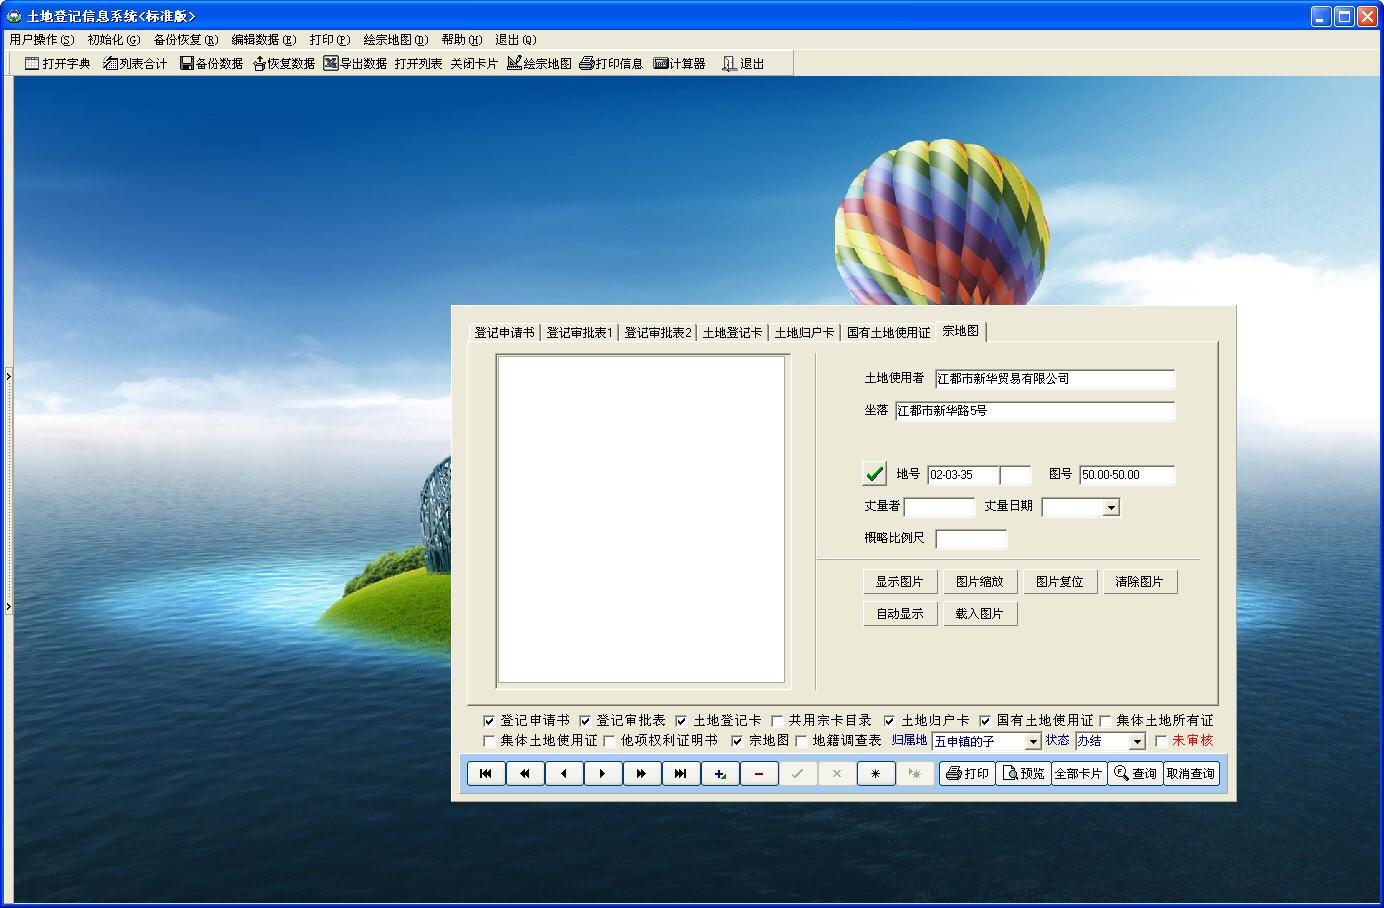 土地登记信息系统V7.2.1 标准版